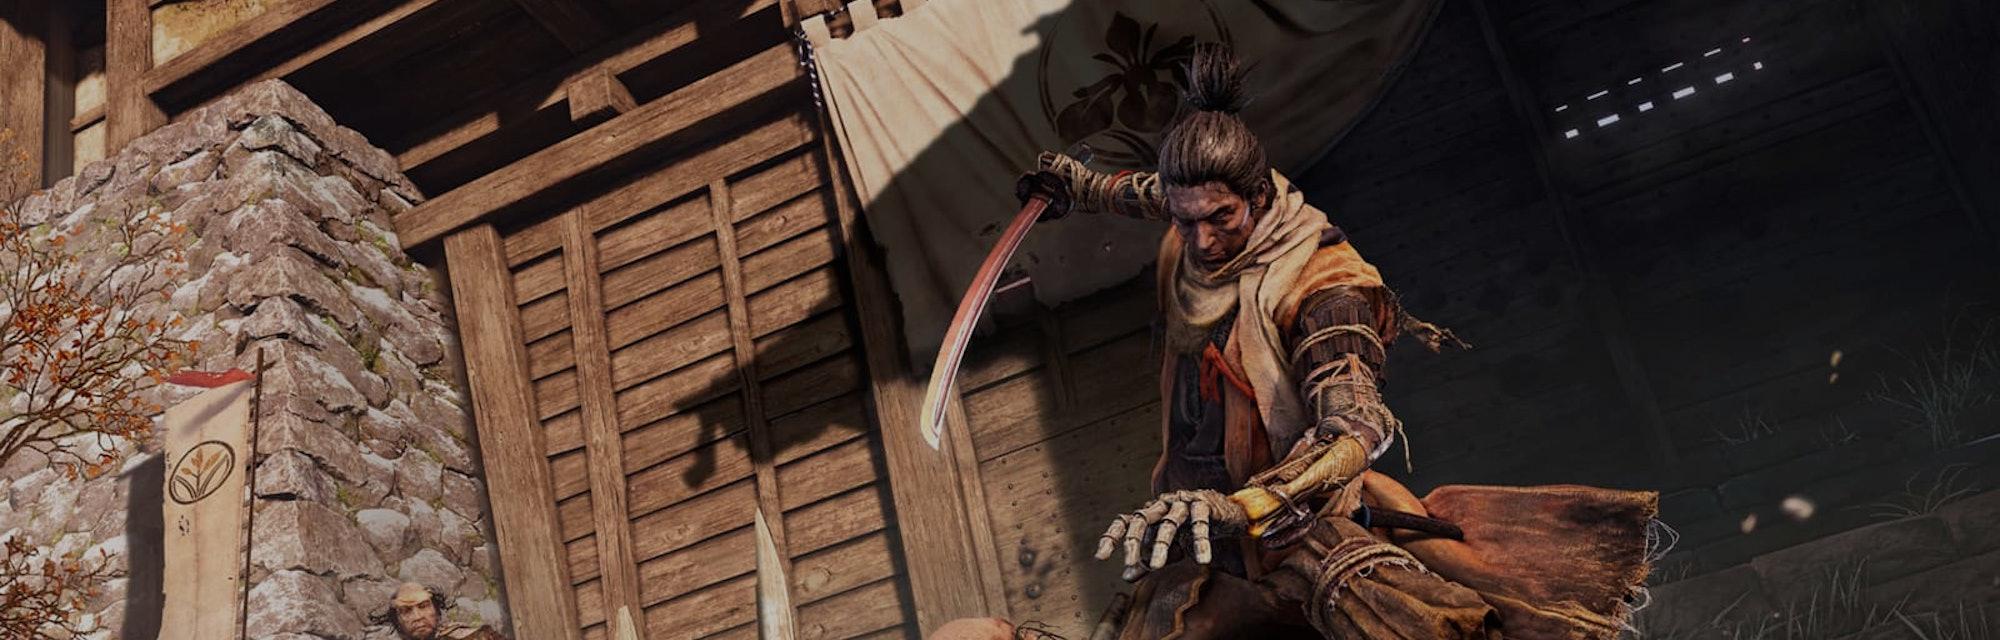 A screenshot from Sekiro